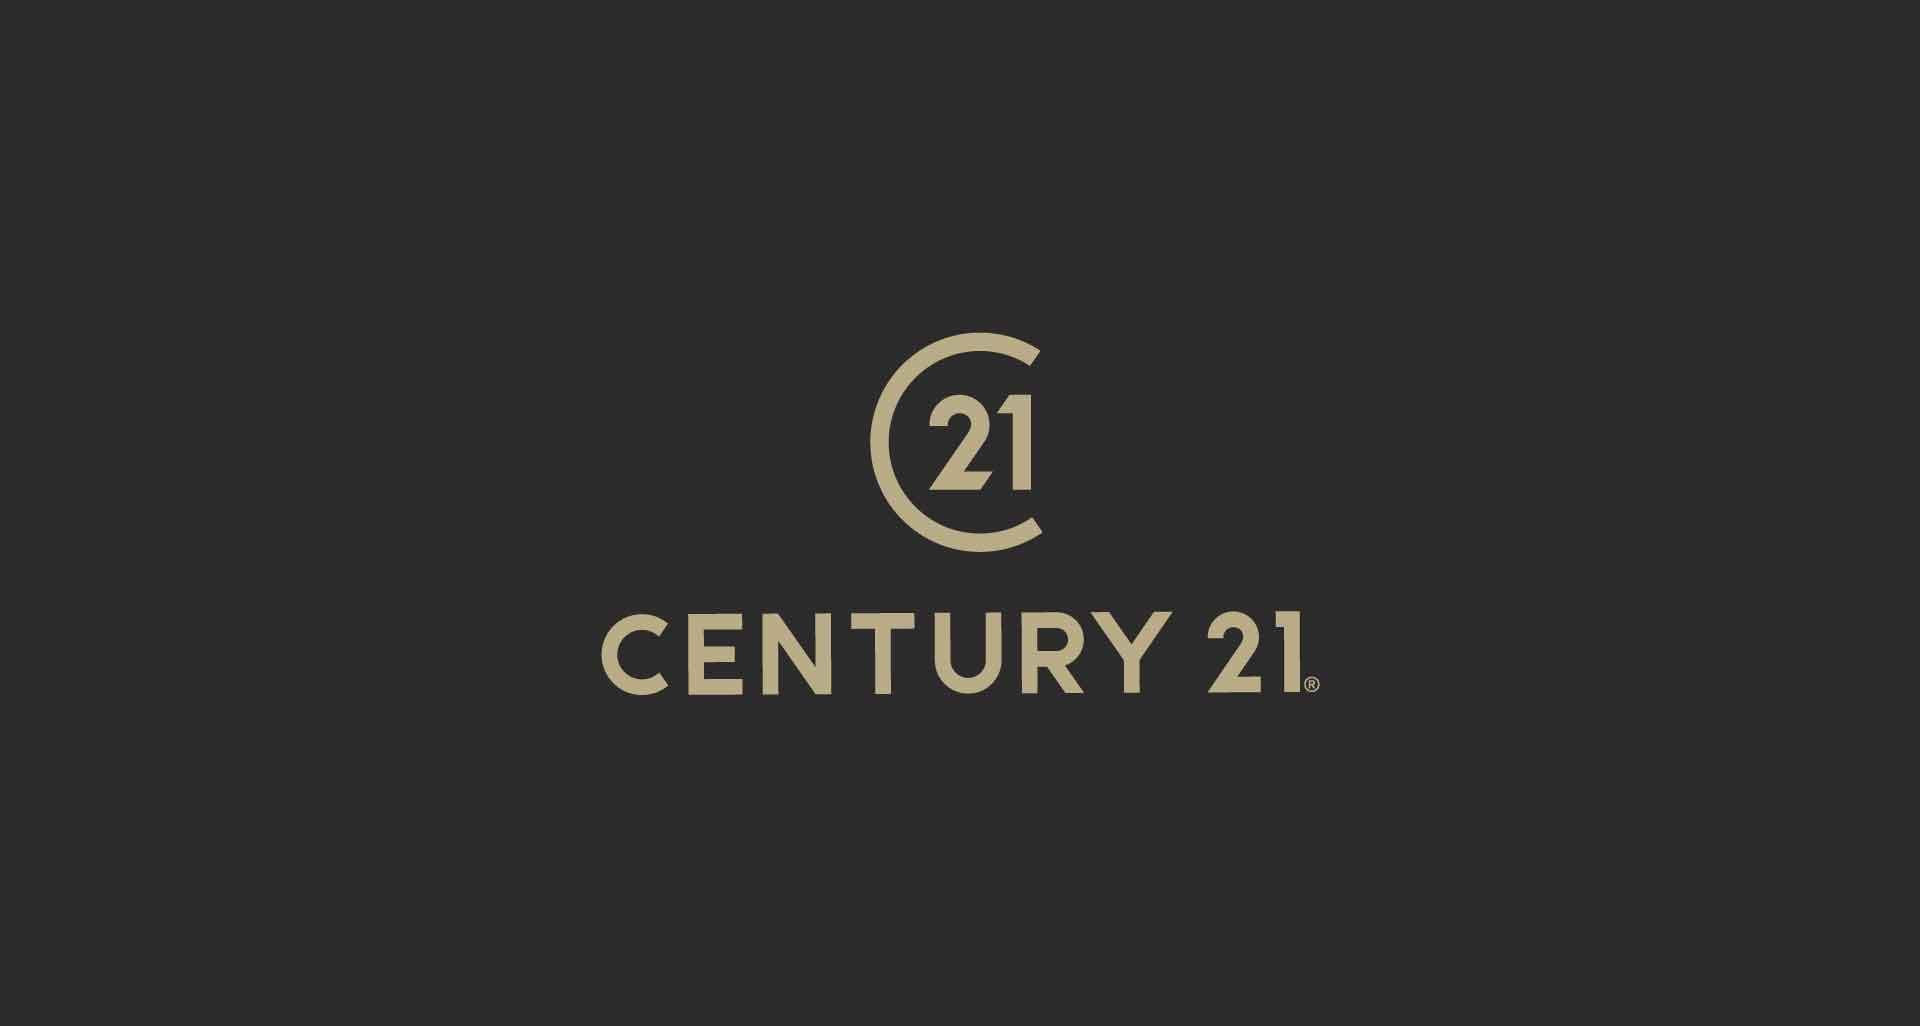 Projet pourCentury 21 La Motte Piquet par l'agence Cassian